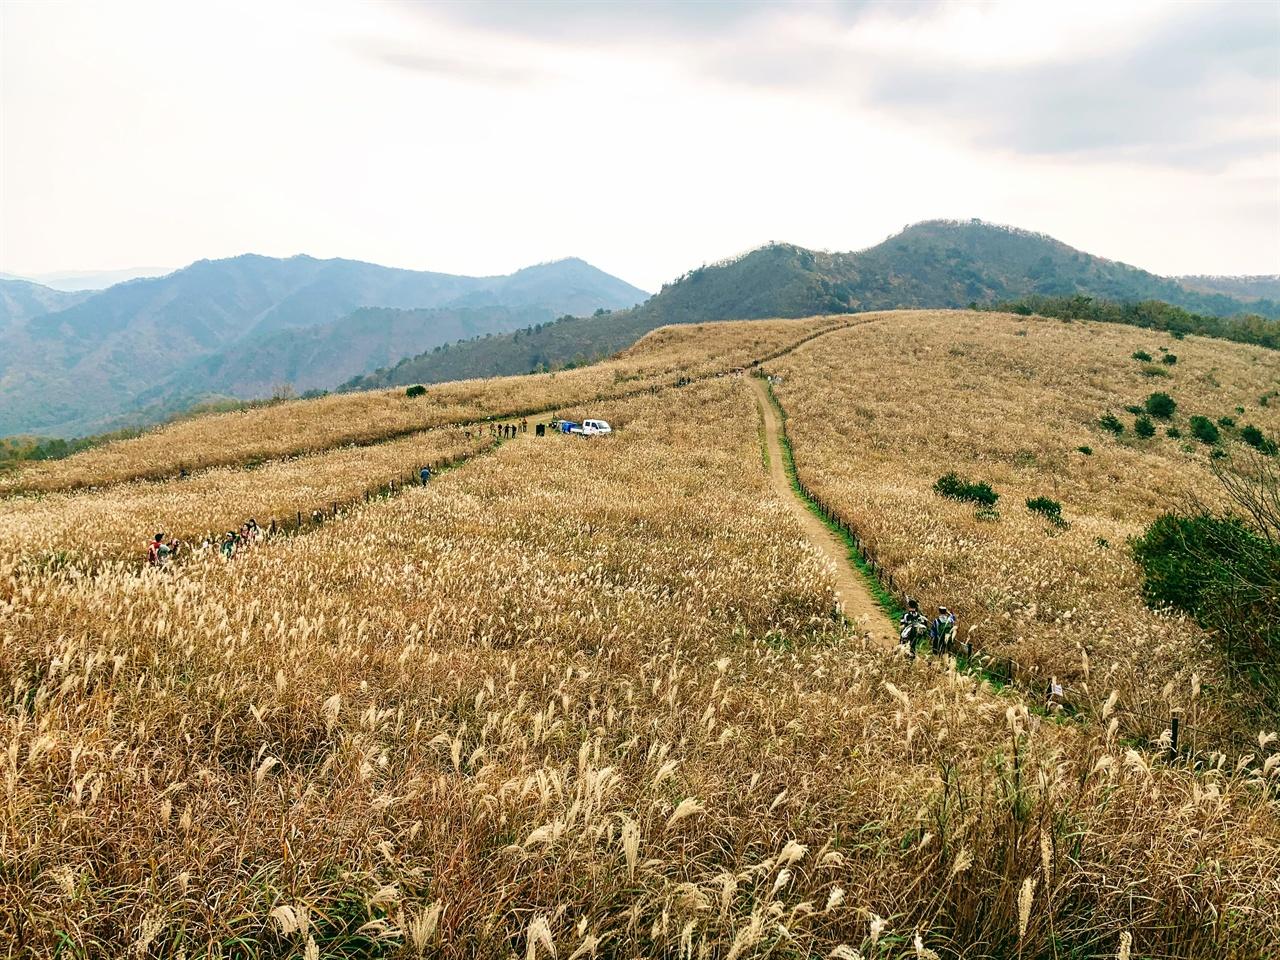 무장산의 억새밭 풍경입니다.  무장봉 정상에 올랐더니 눈에 보이는 모든 곳에 억새밭이 펼쳐져 있습니다. 어딘가 바람이 불어오는 소리도 그대로 들려요.